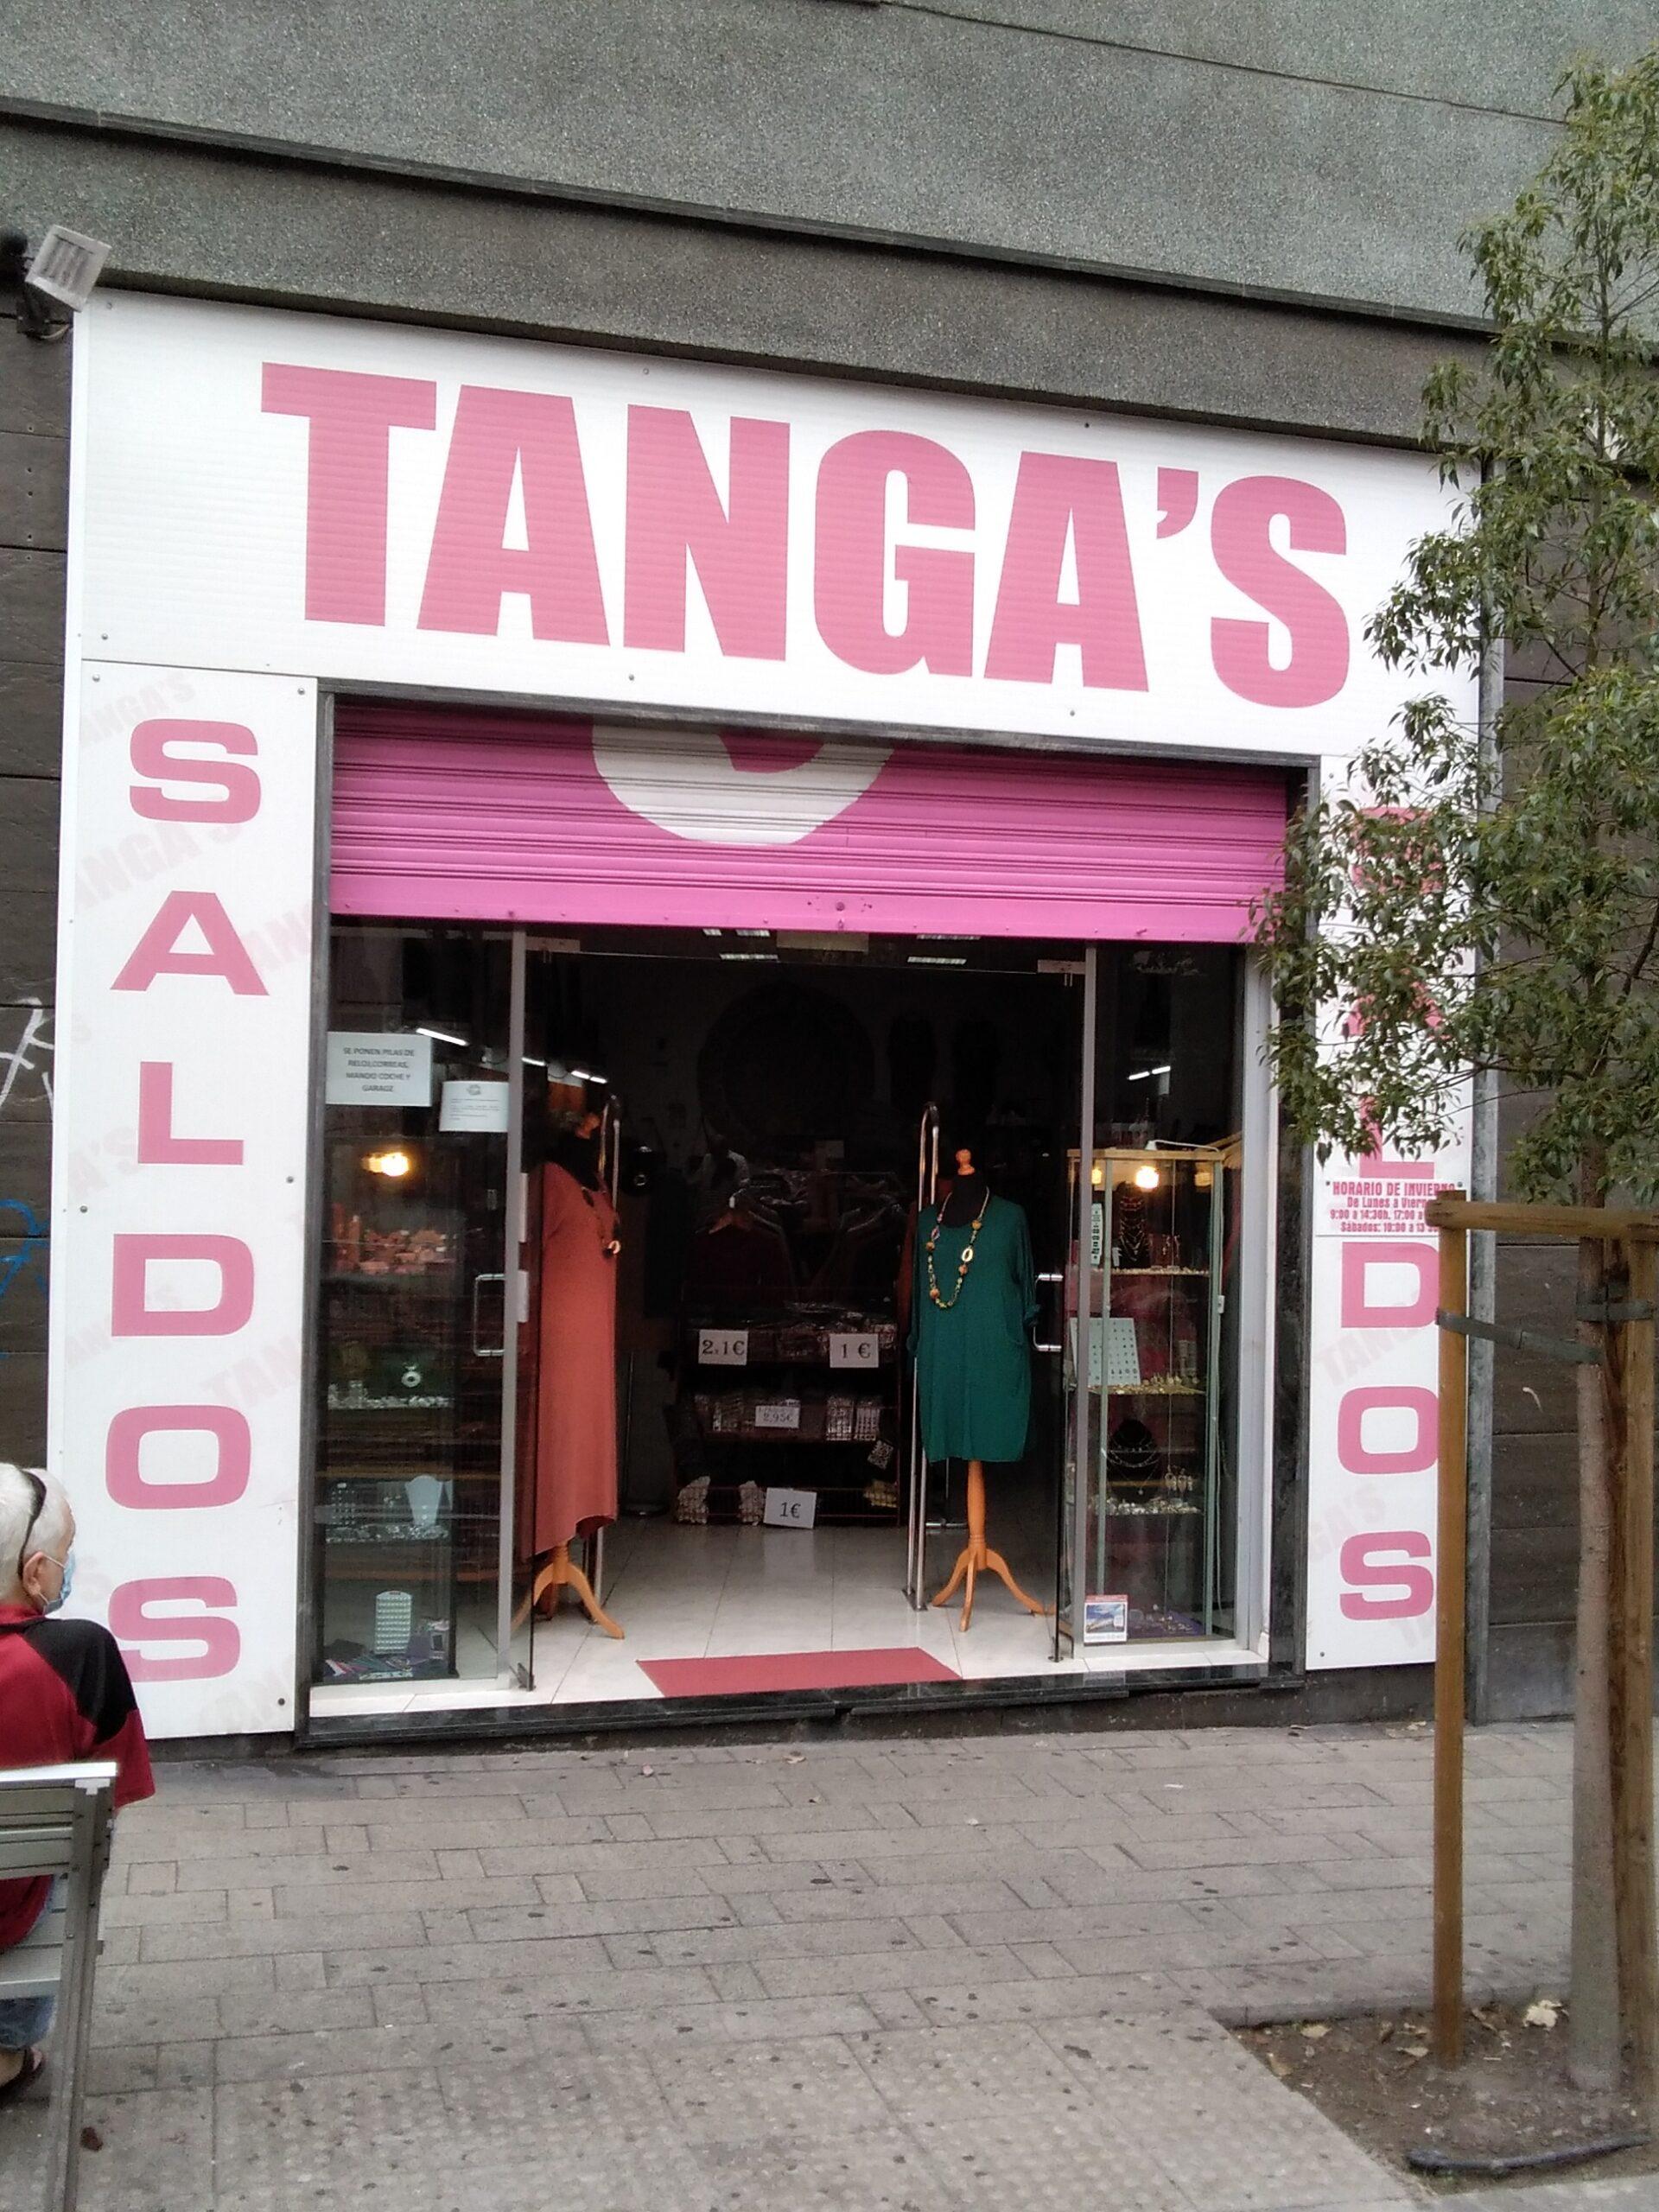 TANGA 'S